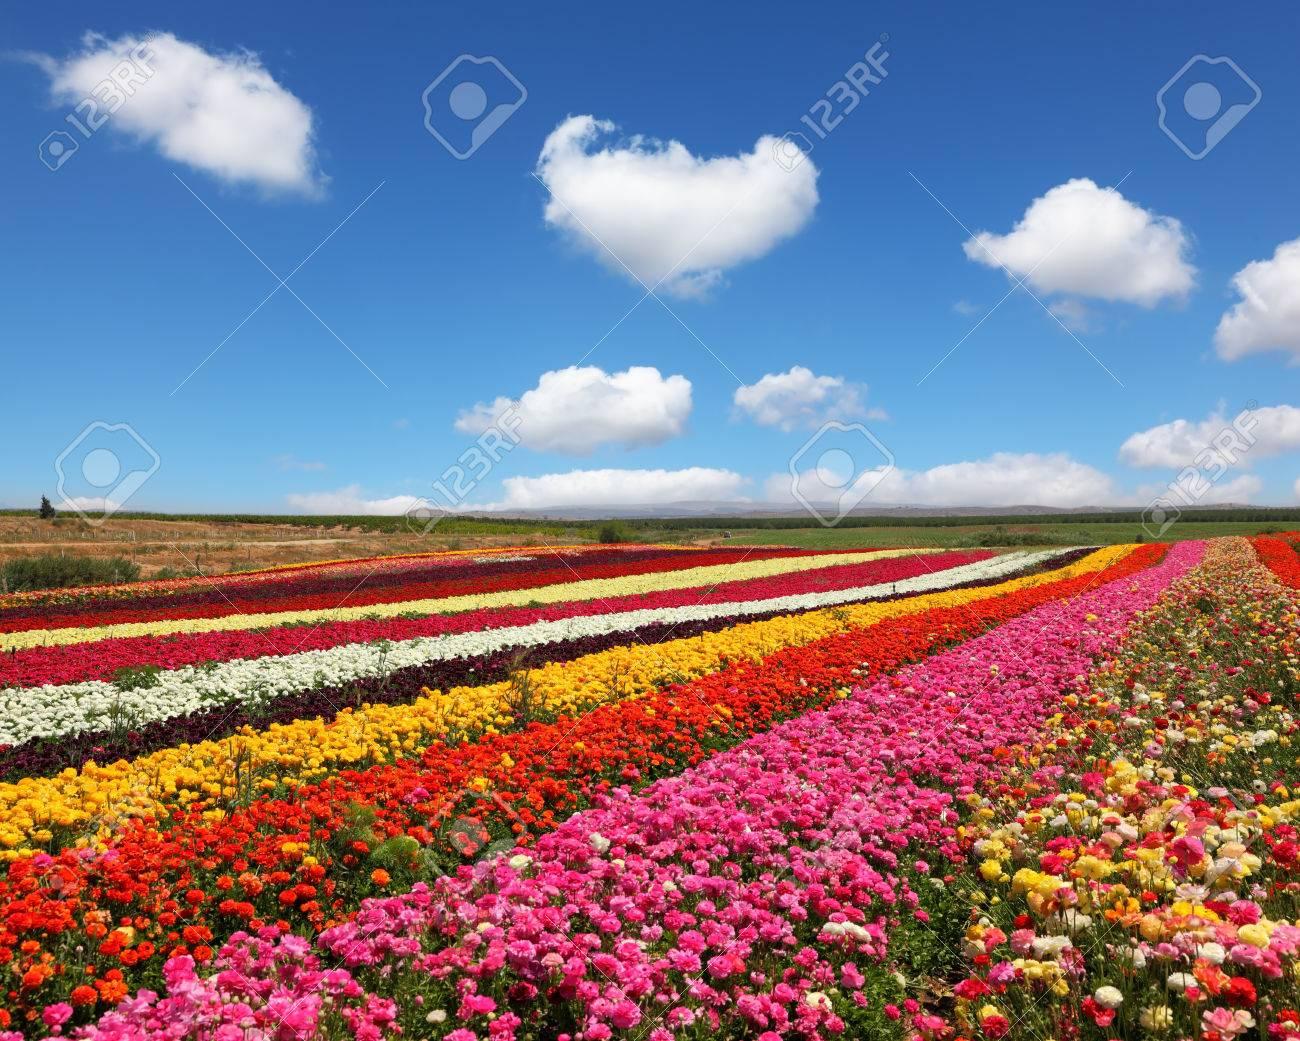 blooming renoncules rouges et jaunes au printemps. les champs de